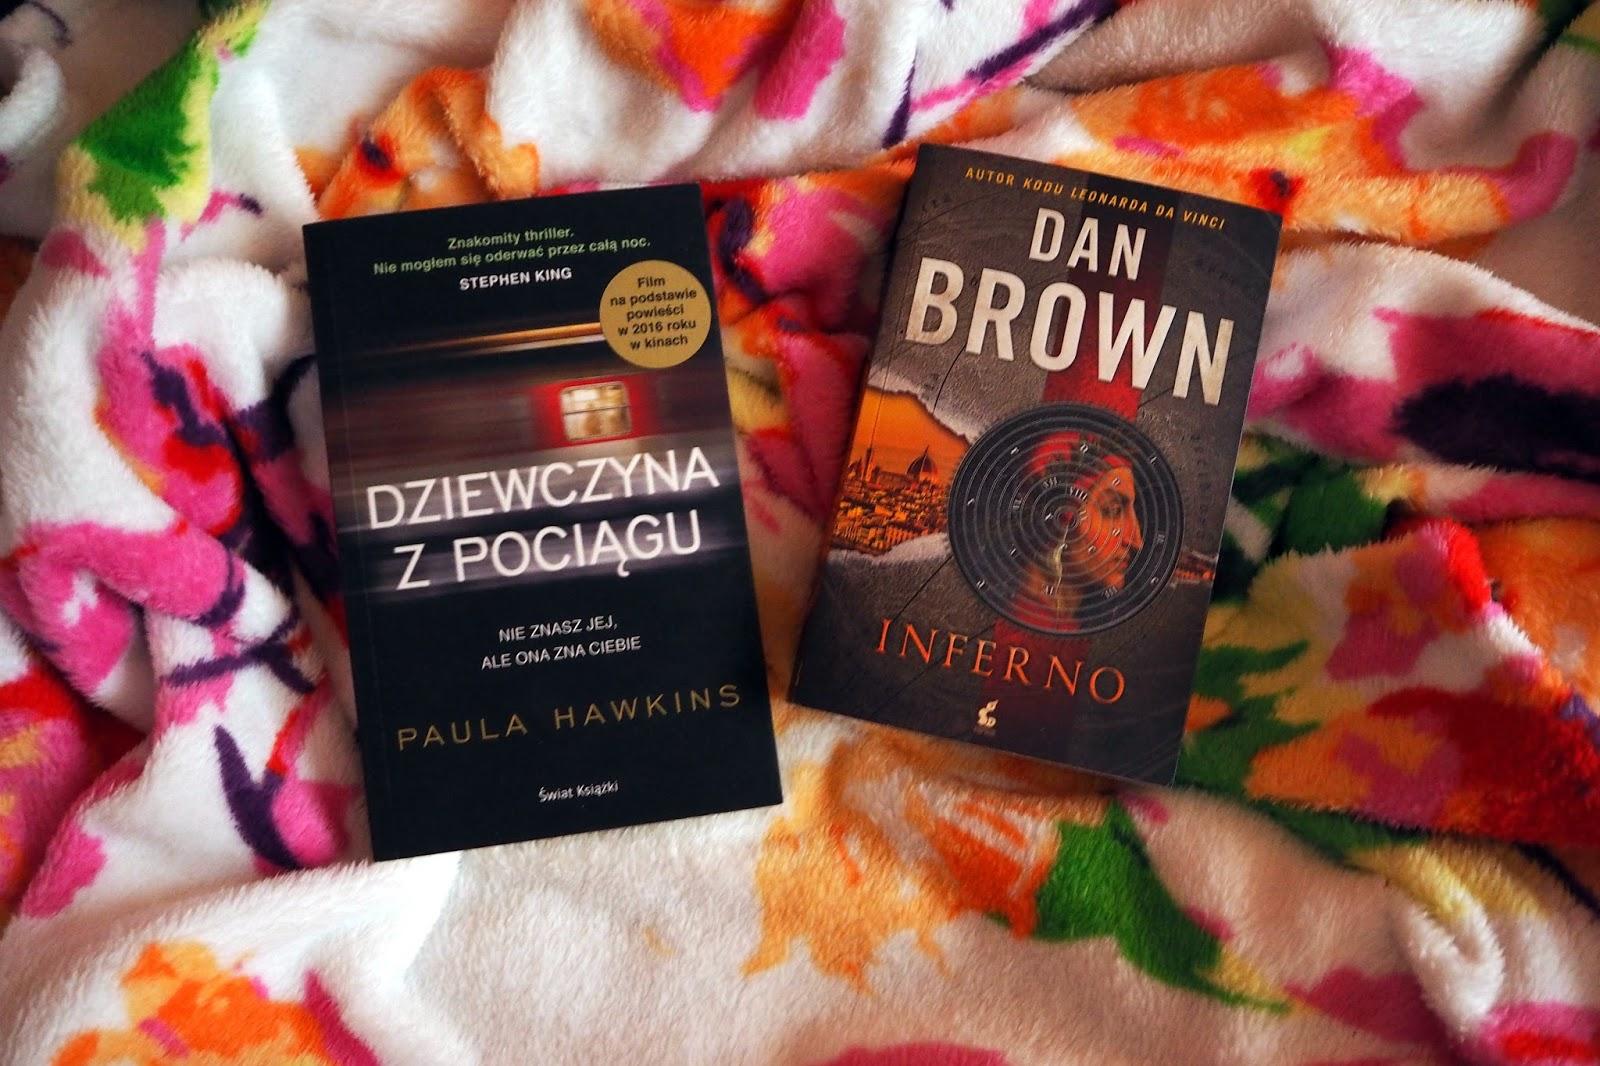 Książka vs Ekranizacja / Dziewczyna z pociągu & Inferno